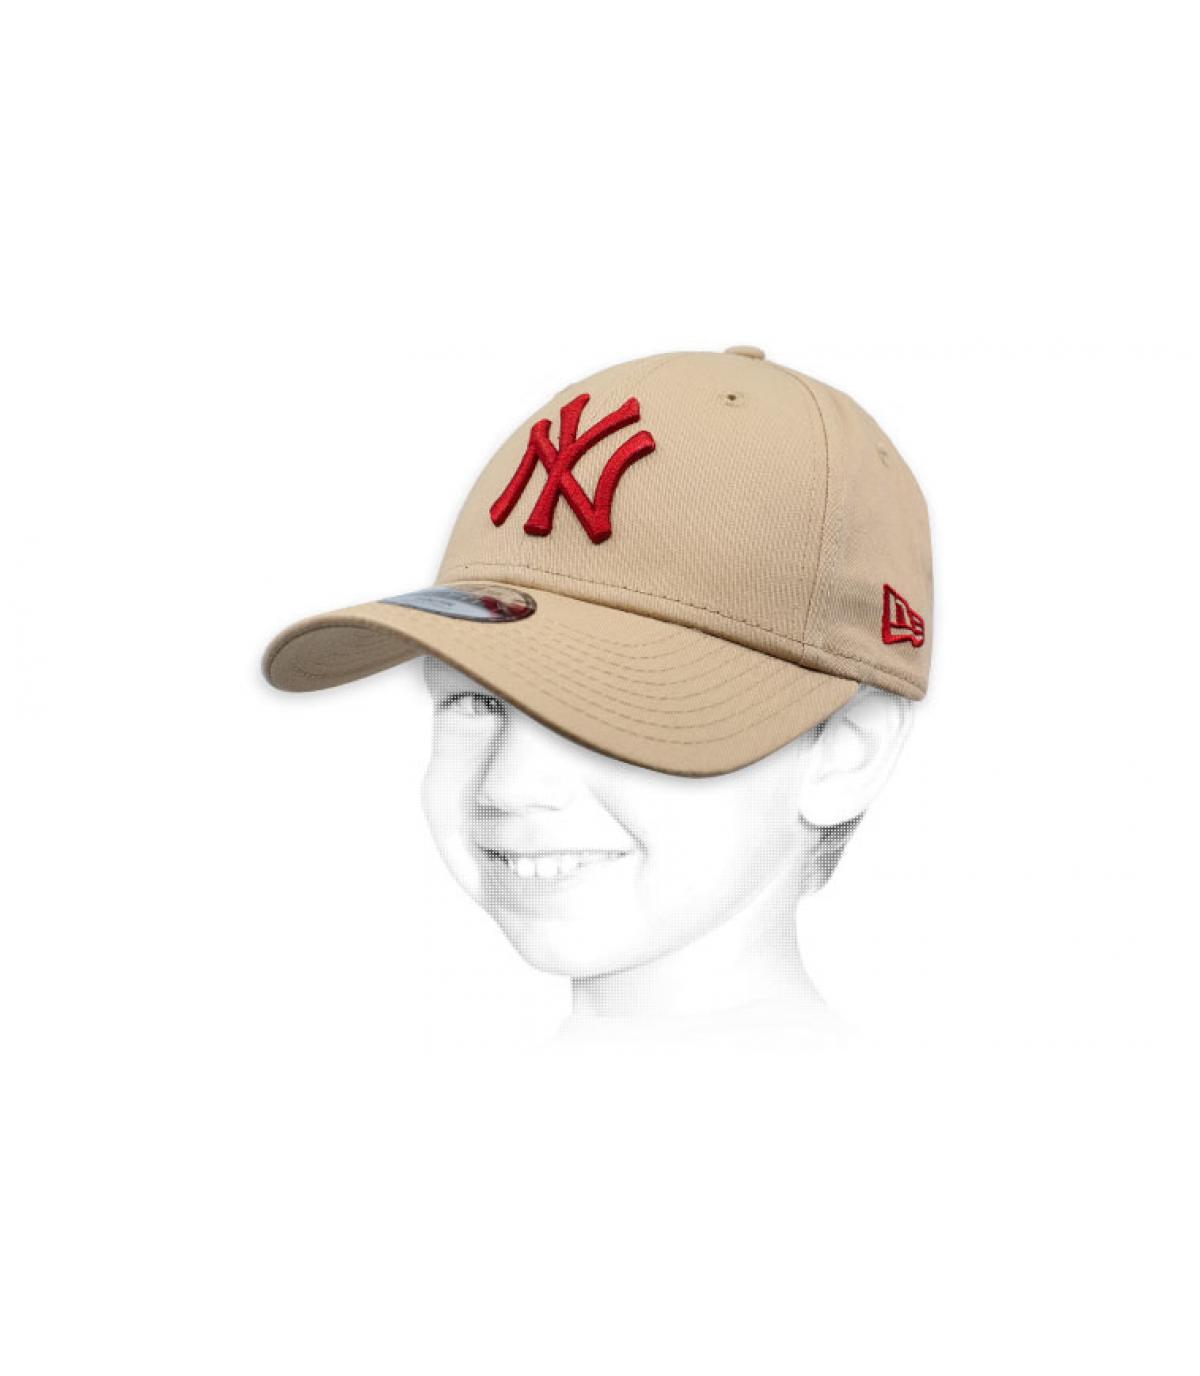 37c4f0da1d1a New Era Trucker League Ess NY camel. 25€ - Indisponible. casquette NY  enfant beige